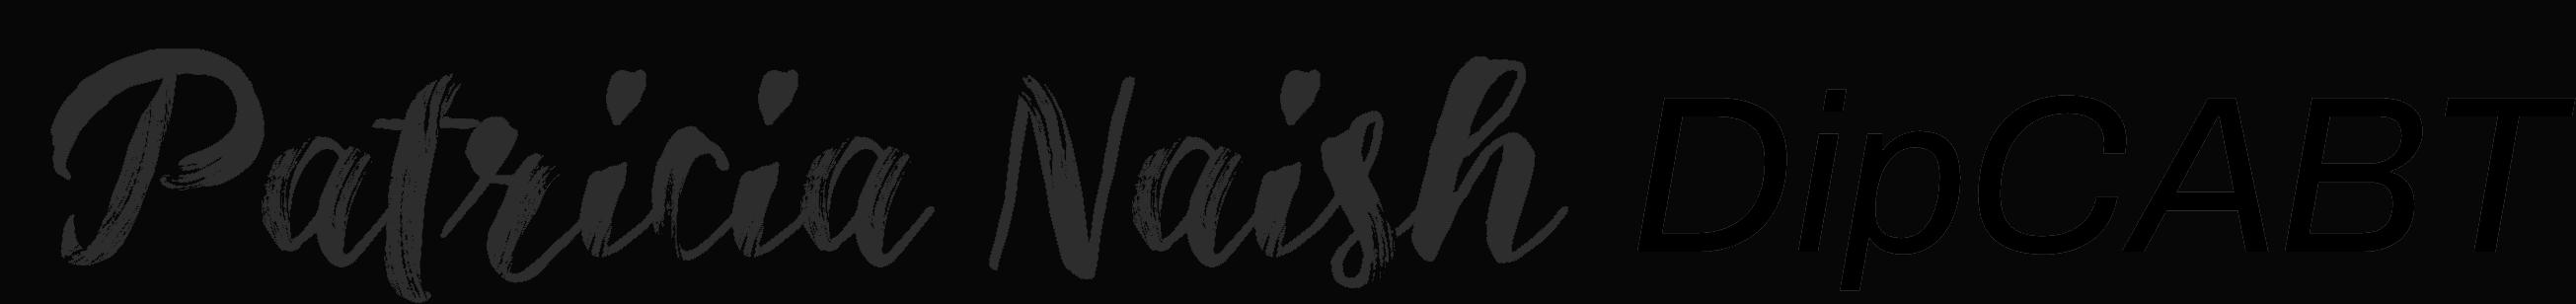 PN signature